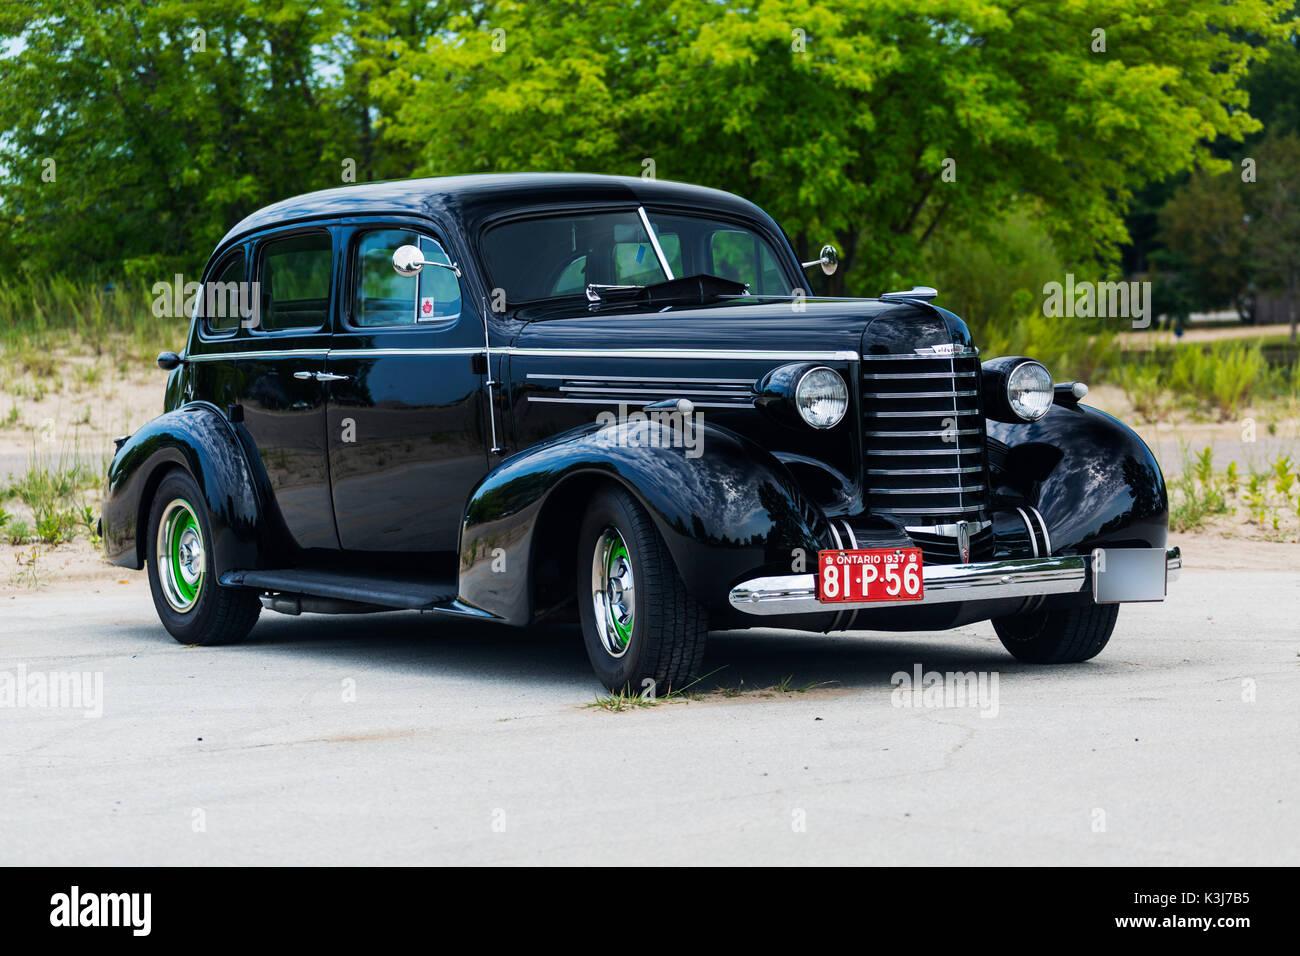 Image result for 1937 oldsmobile